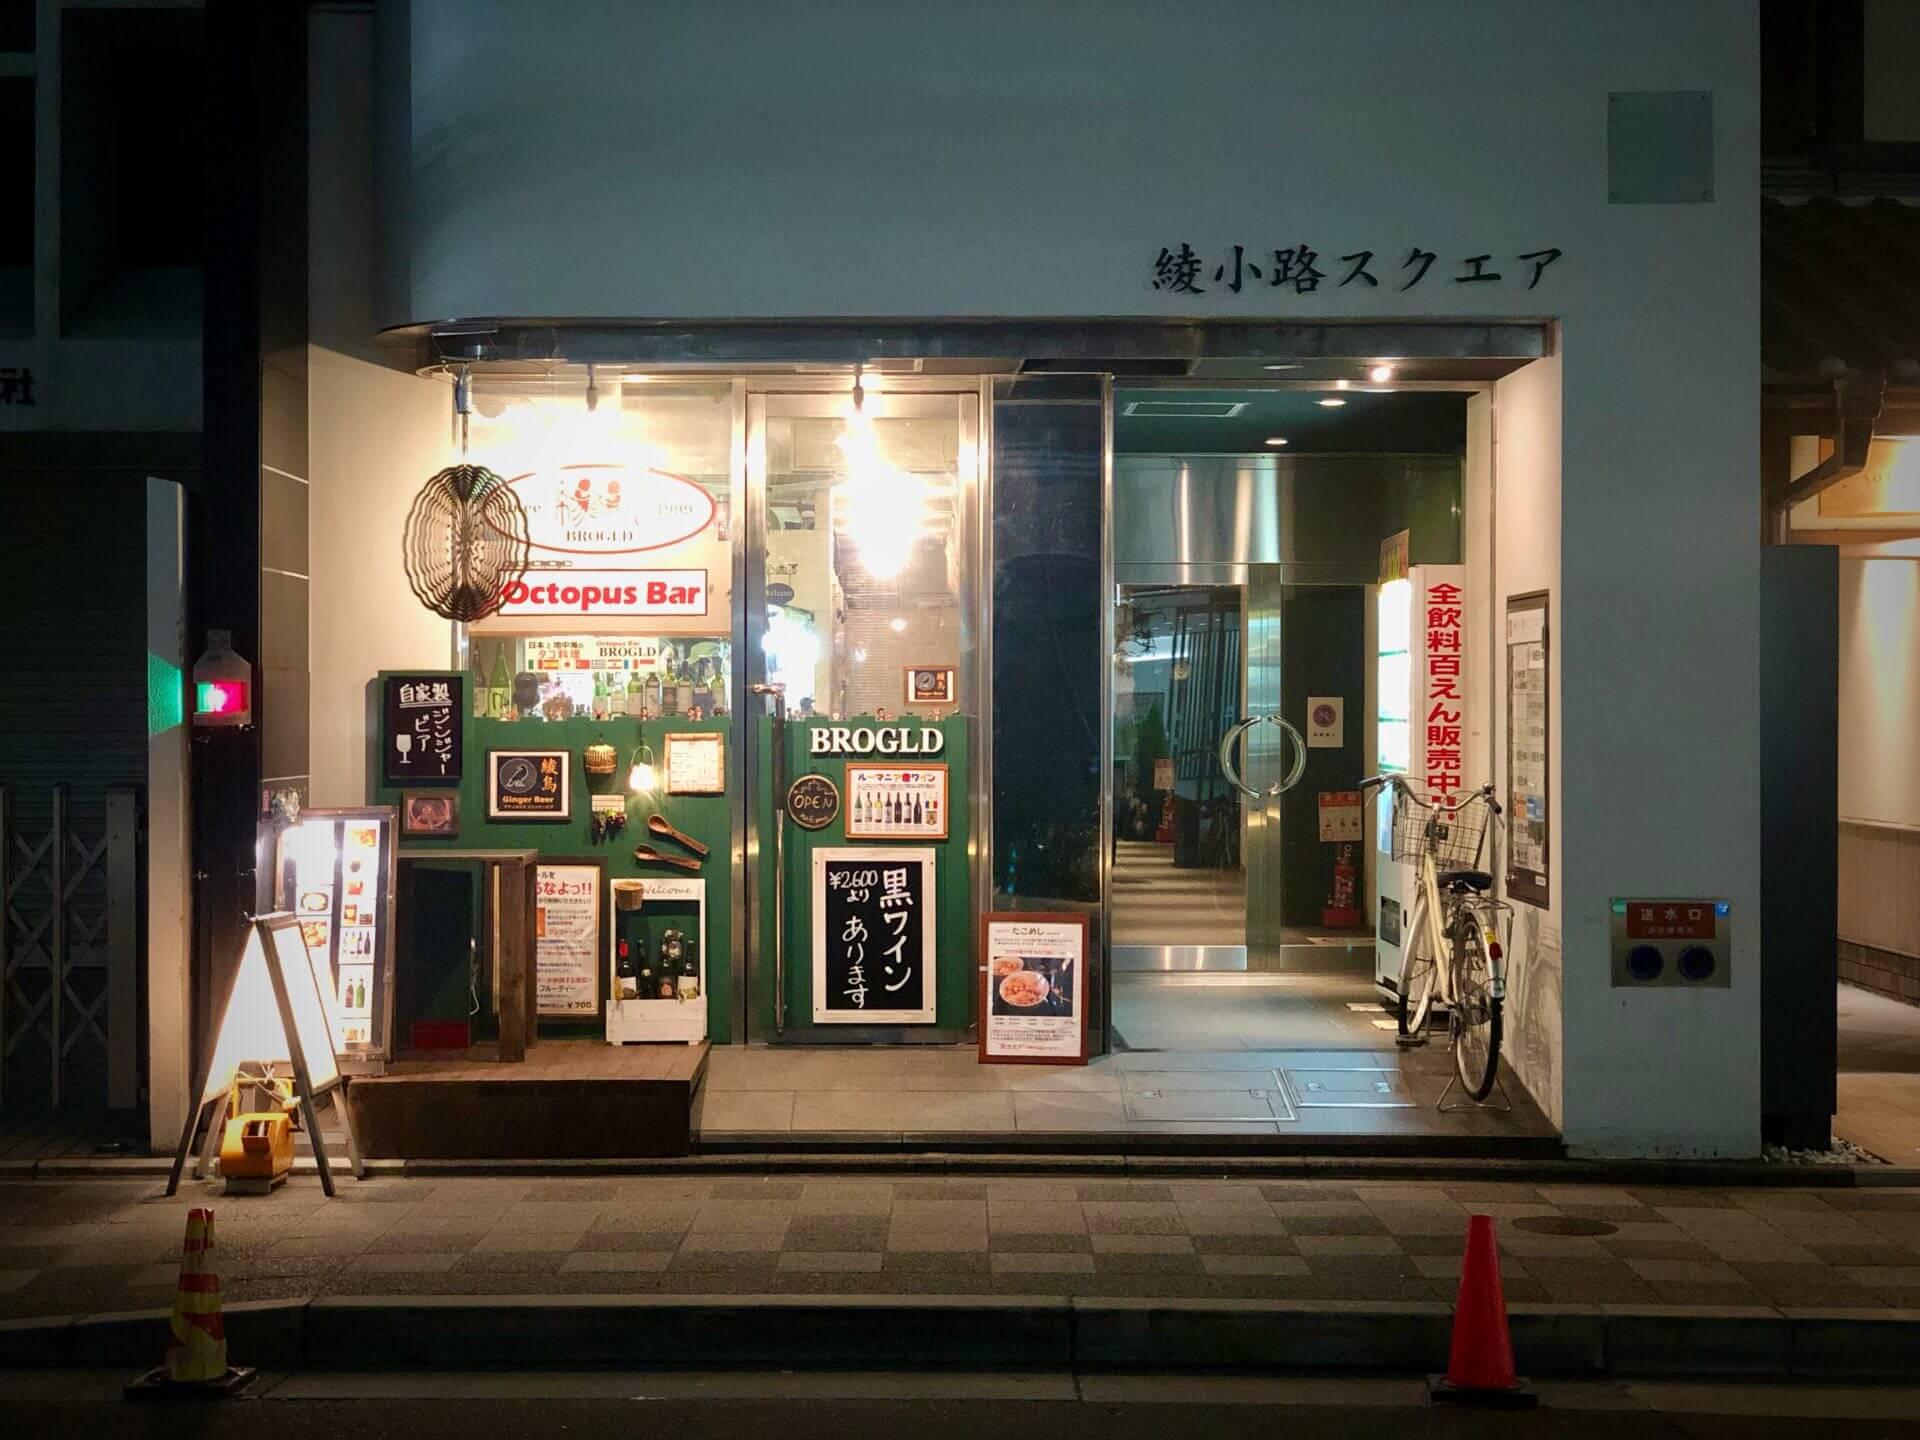 お店の名前は『ブログルド』京都烏丸にある、地中海と日本のタコ料理専門店です。元々はたこ焼き屋さんだったこともあってとても美味しい。カルパッチョやエスカルゴ風、アヒージョなど蛸をふんだんに使ったタコ料理は是非一度食べてみるべきですね。モスコミュールもホント良い!